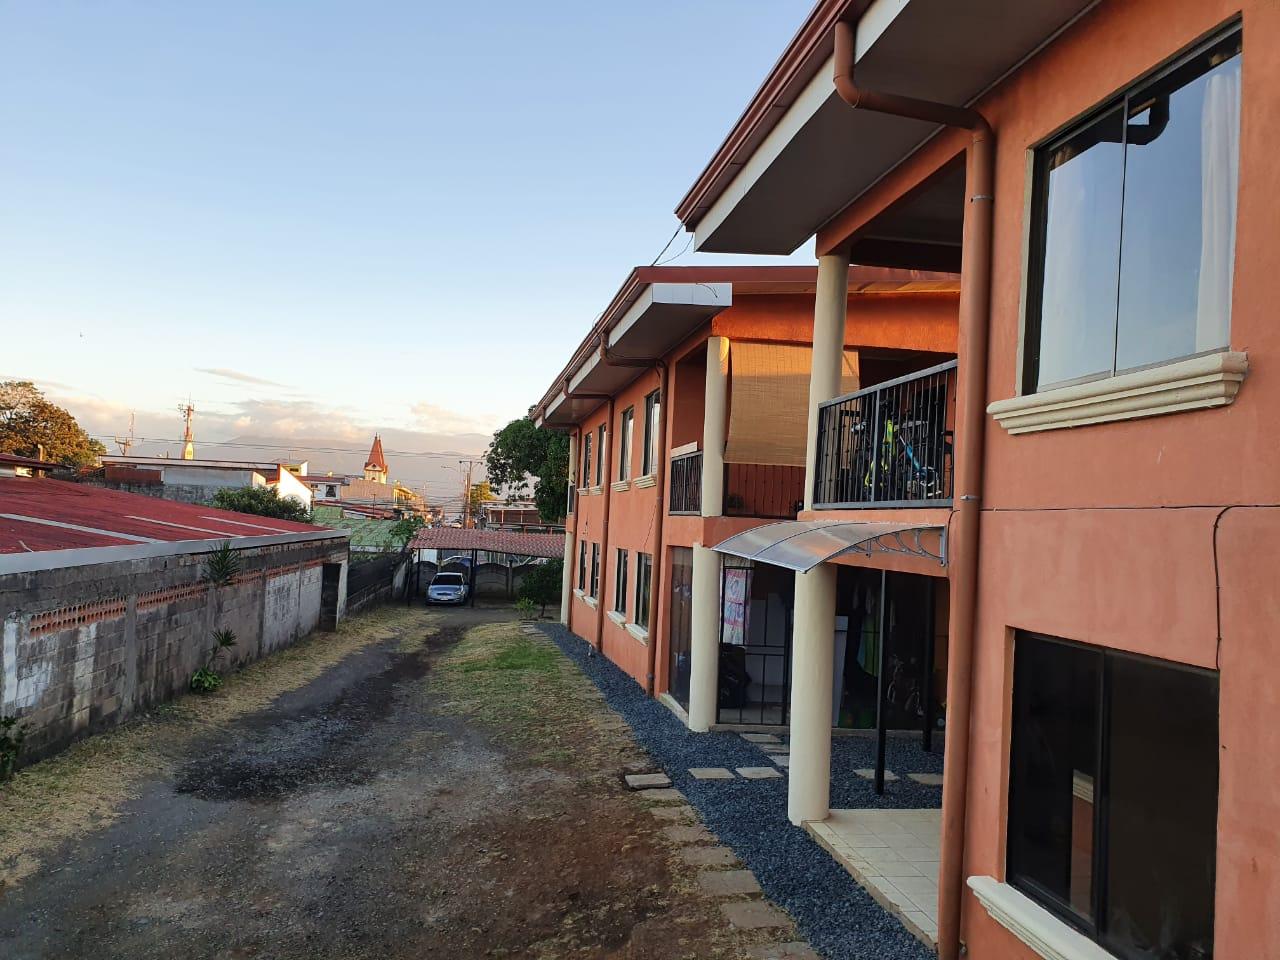 Apartamento de alquiler, Alajuela centro, ¢240.000=